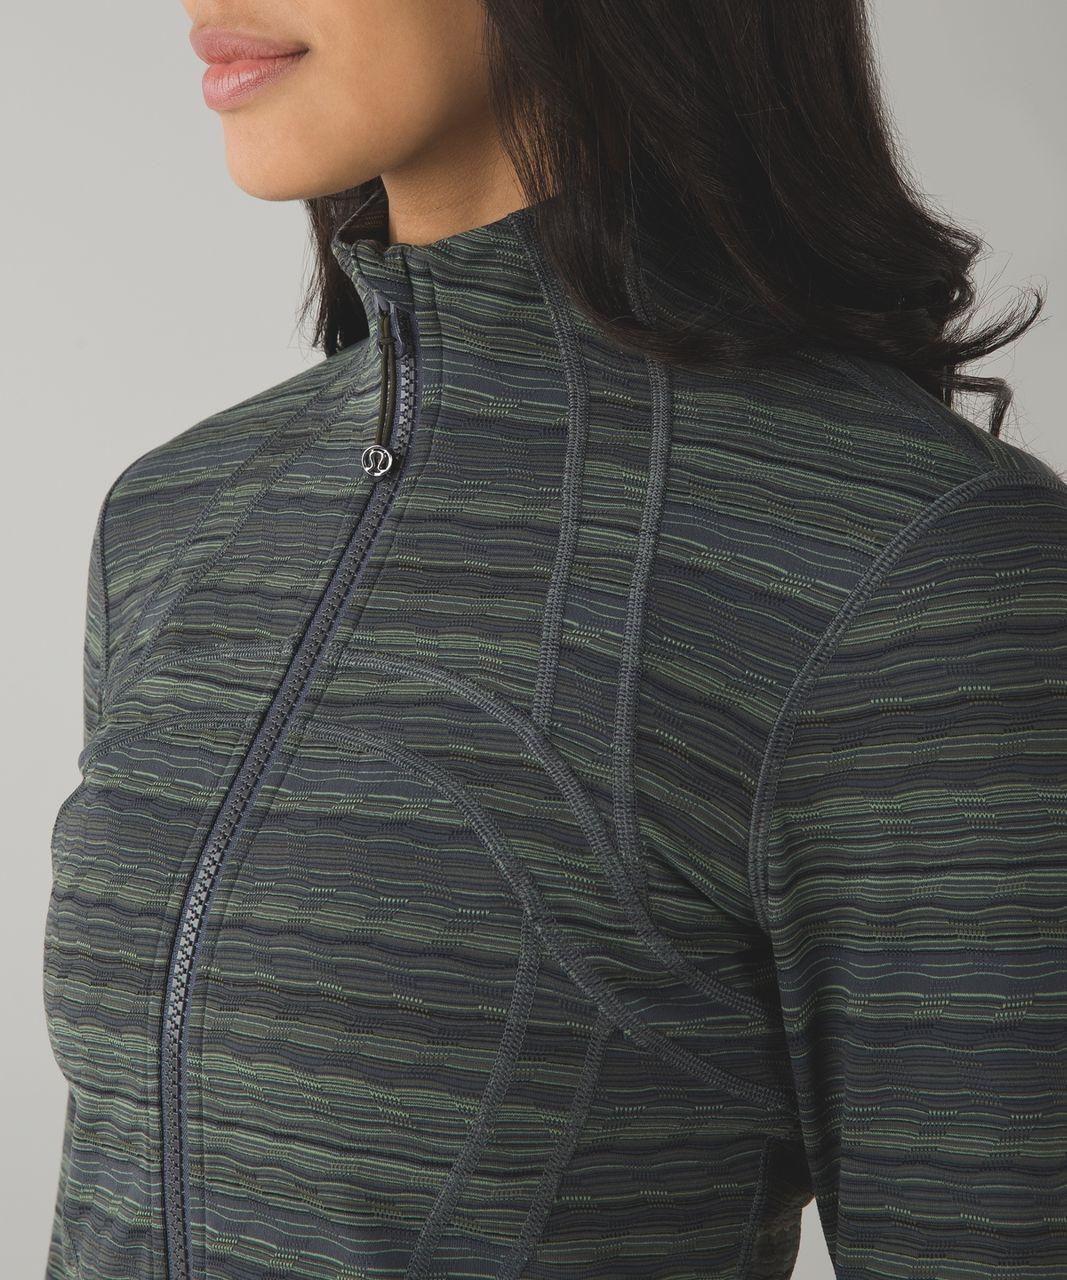 Lululemon Define Jacket - Space Dye Twist Dark Slate Fatigue Green